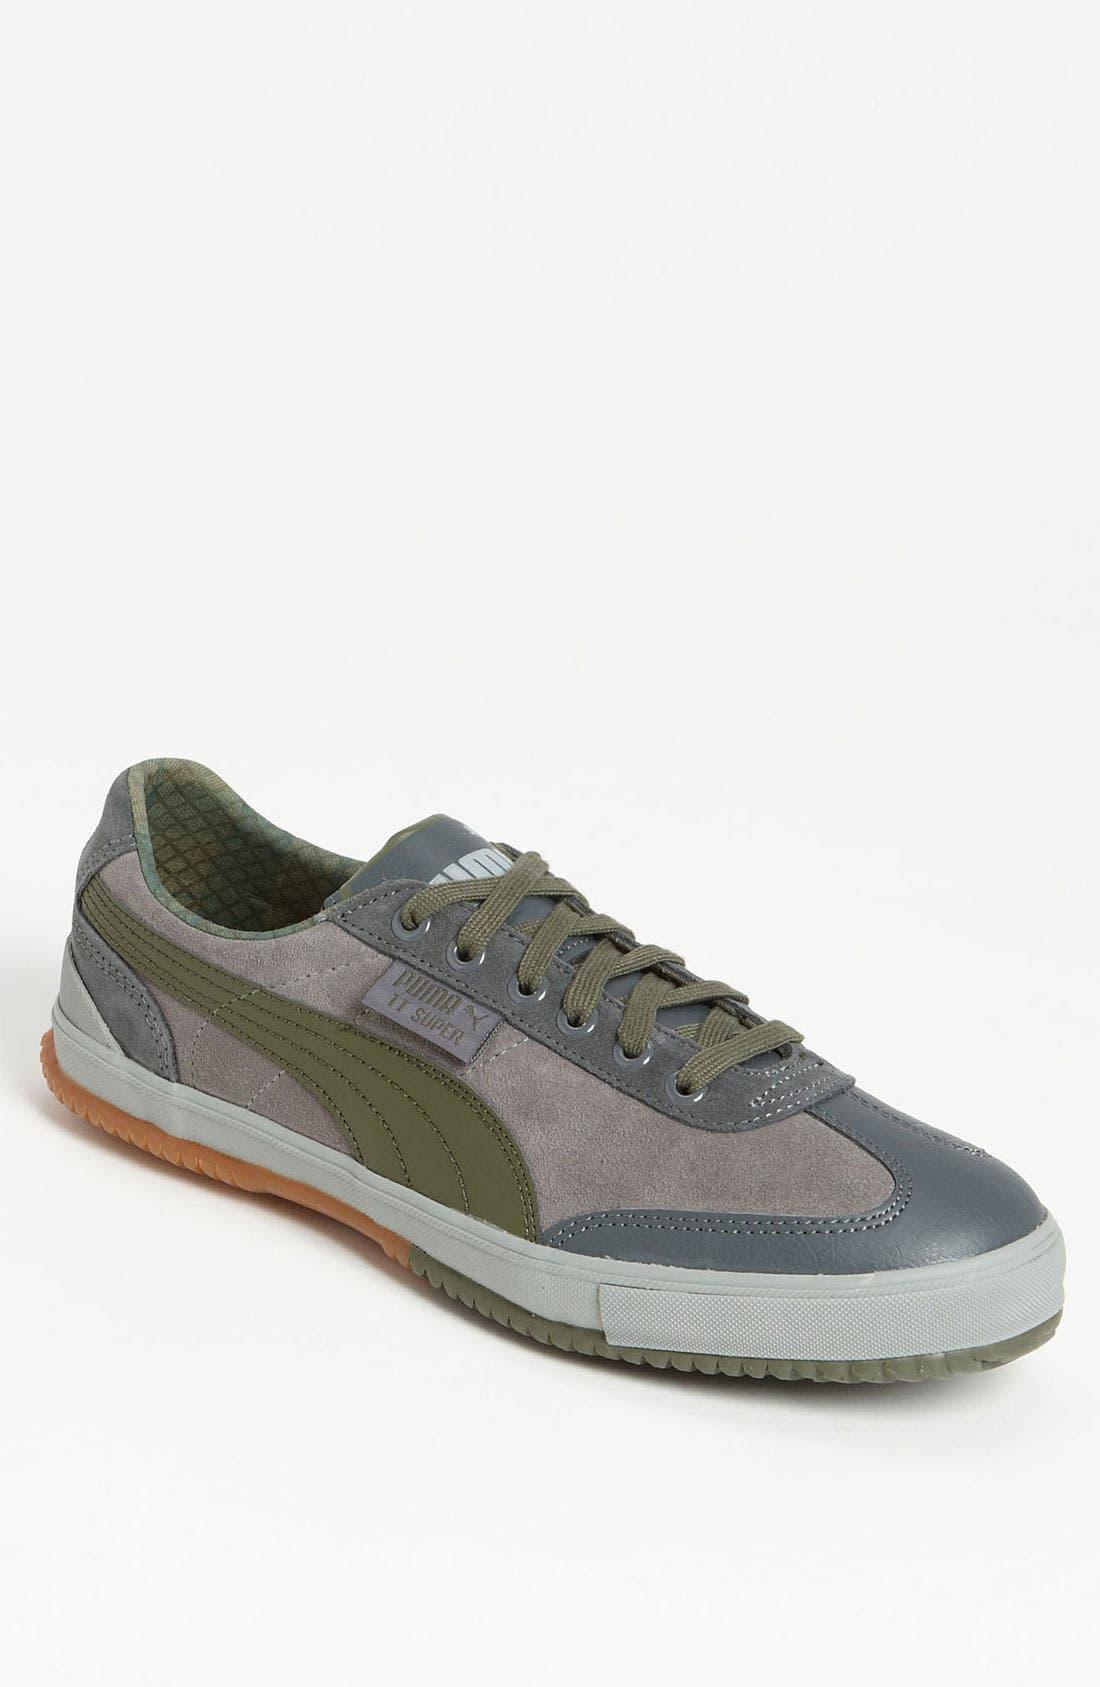 Main Image - PUMA 'TT Super LS' Sneaker (Men)